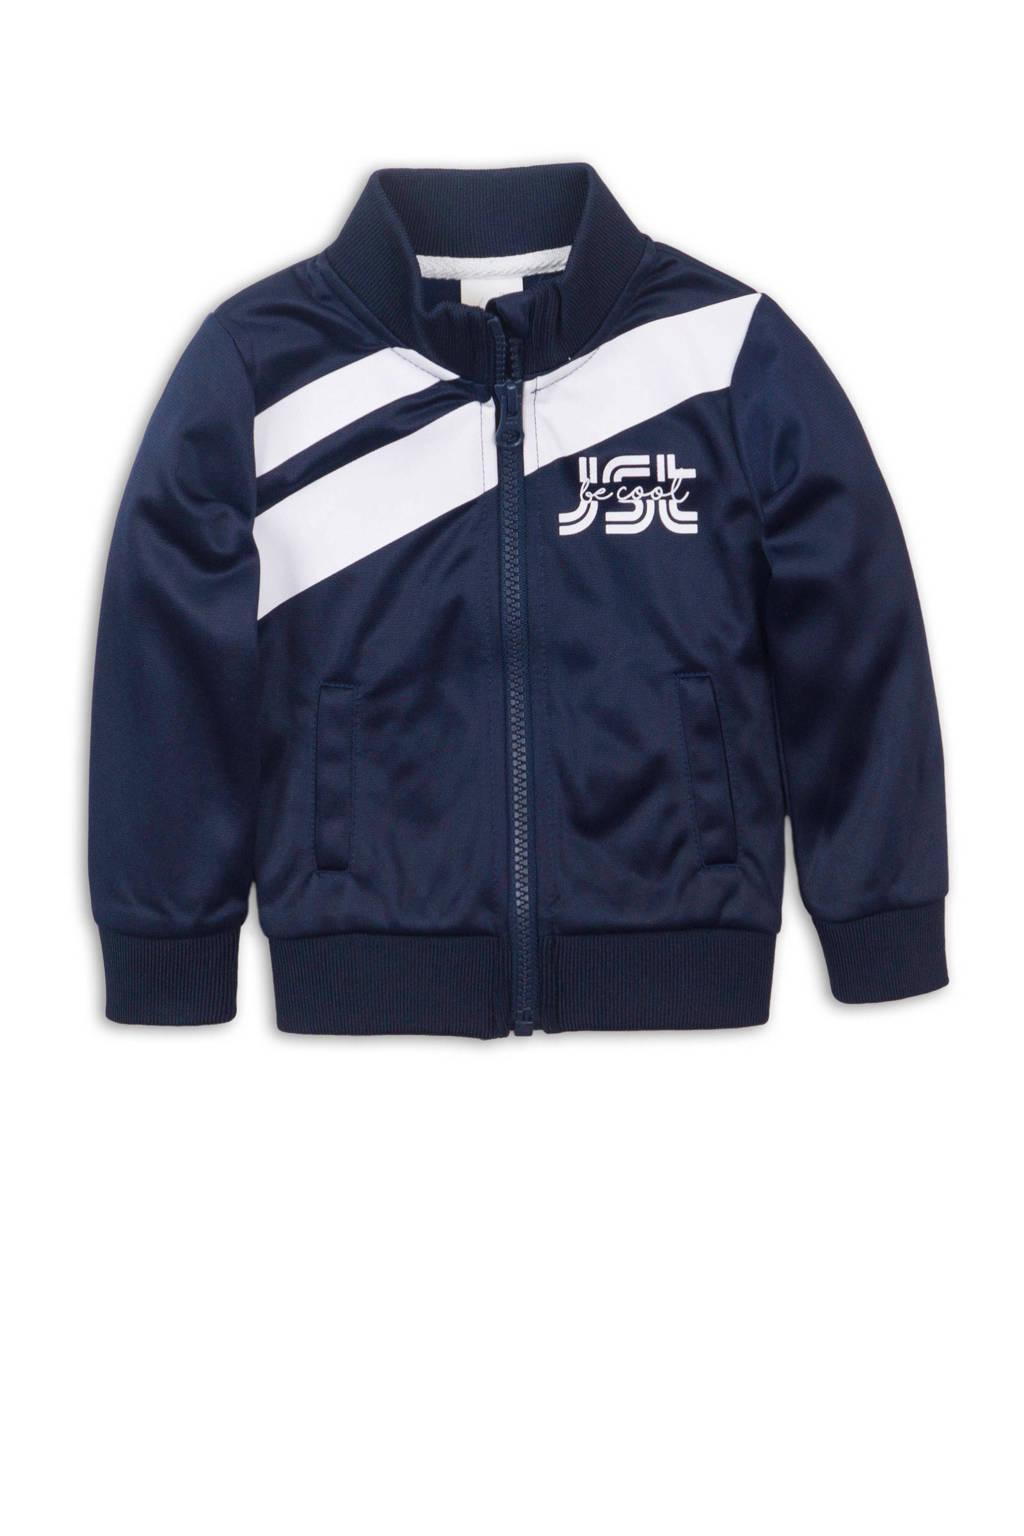 Dirkje jasje donkerblauw/wit, Donkerblauw/wit